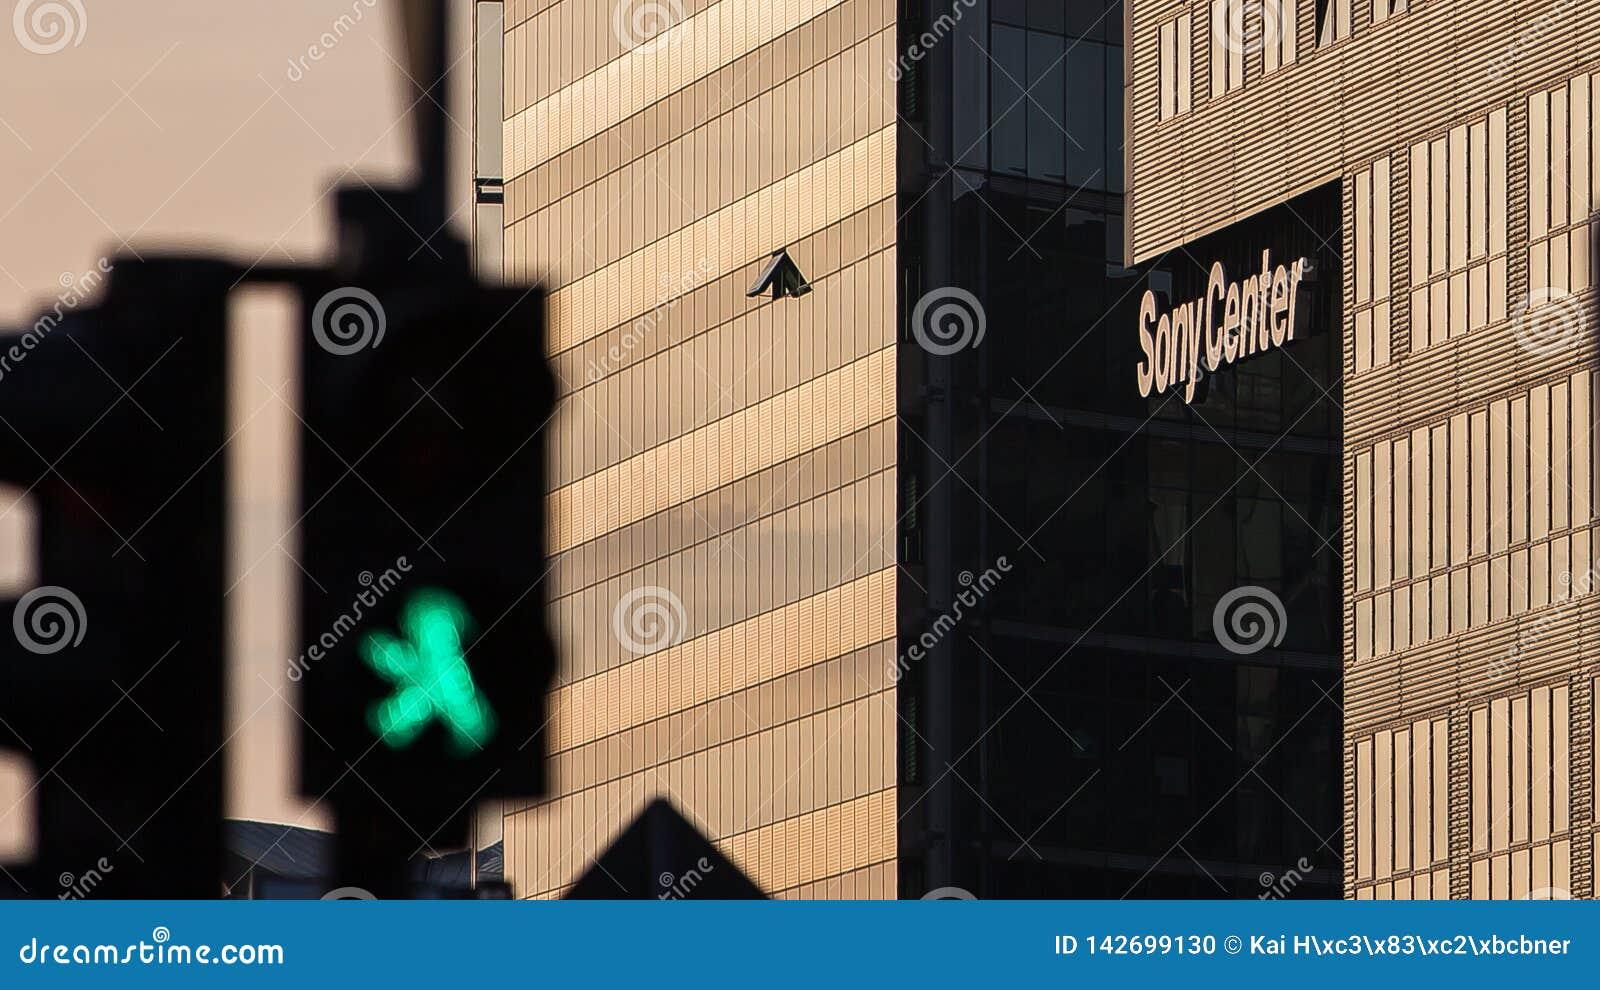 Groene de voetgangerslichten van Berlin Potsdam Square met Sony Center